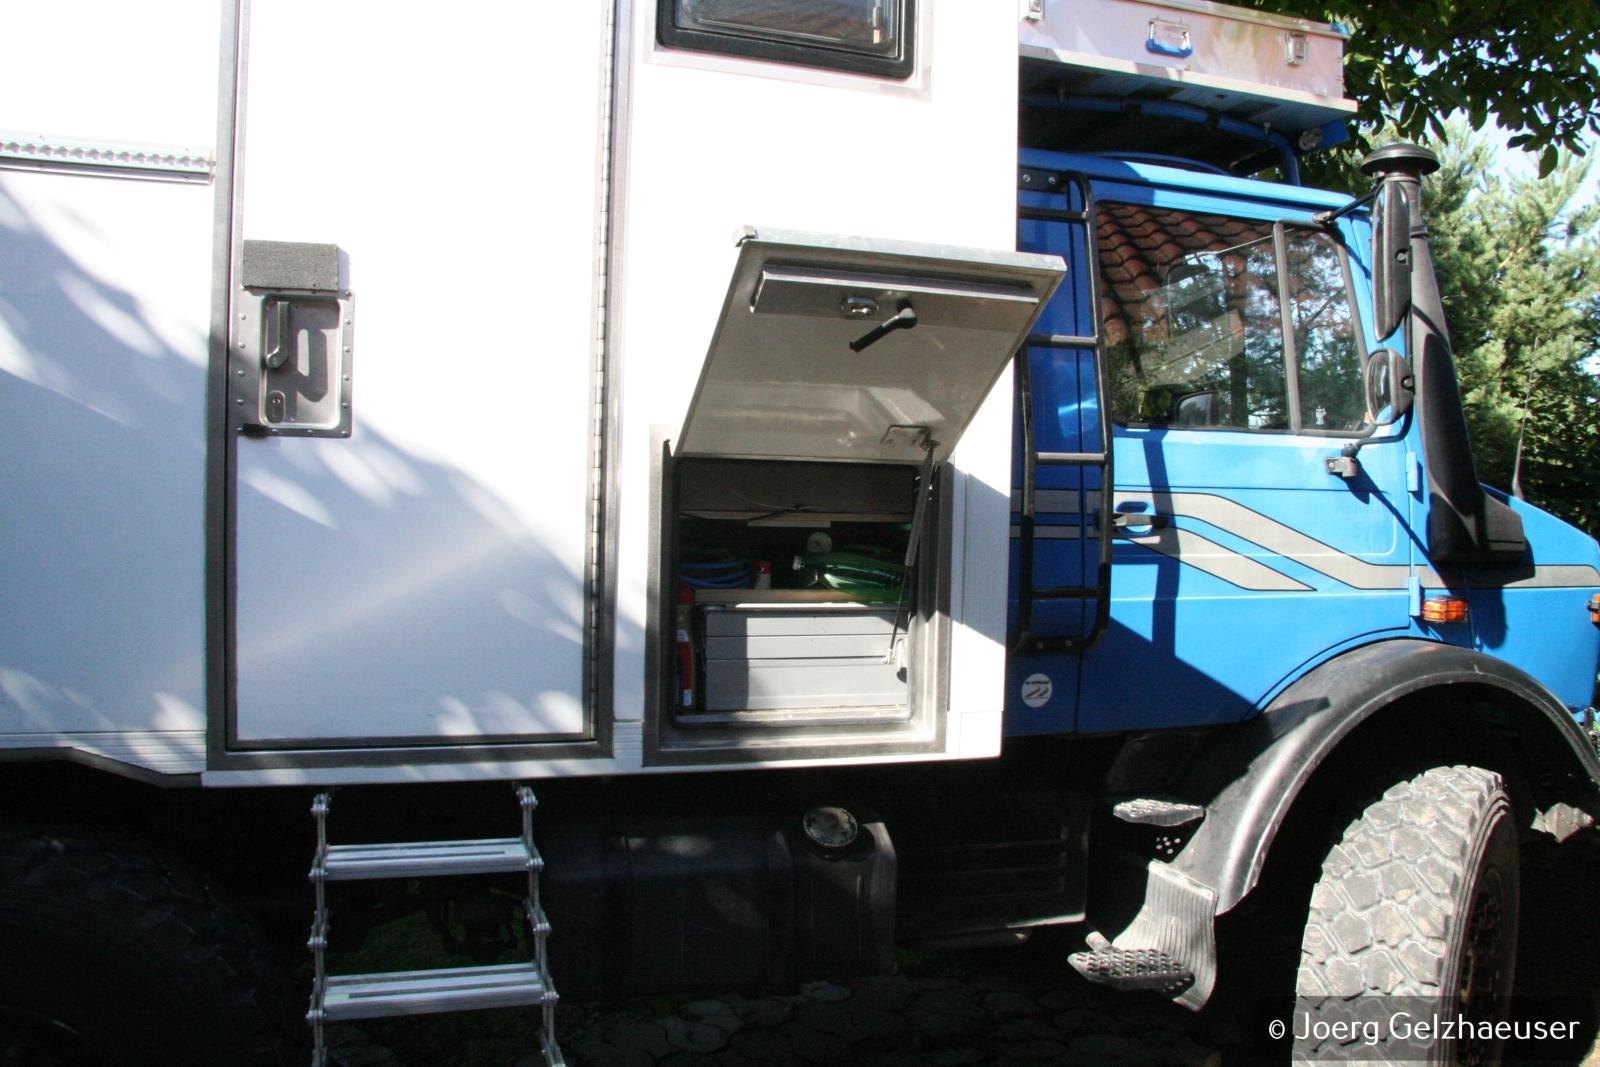 Unimog - Das universelle Motor-(Fernreise)-Gerät - Auf der rechten Seite unter der Sitzgruppe befindet sich das Werkzeugfach.